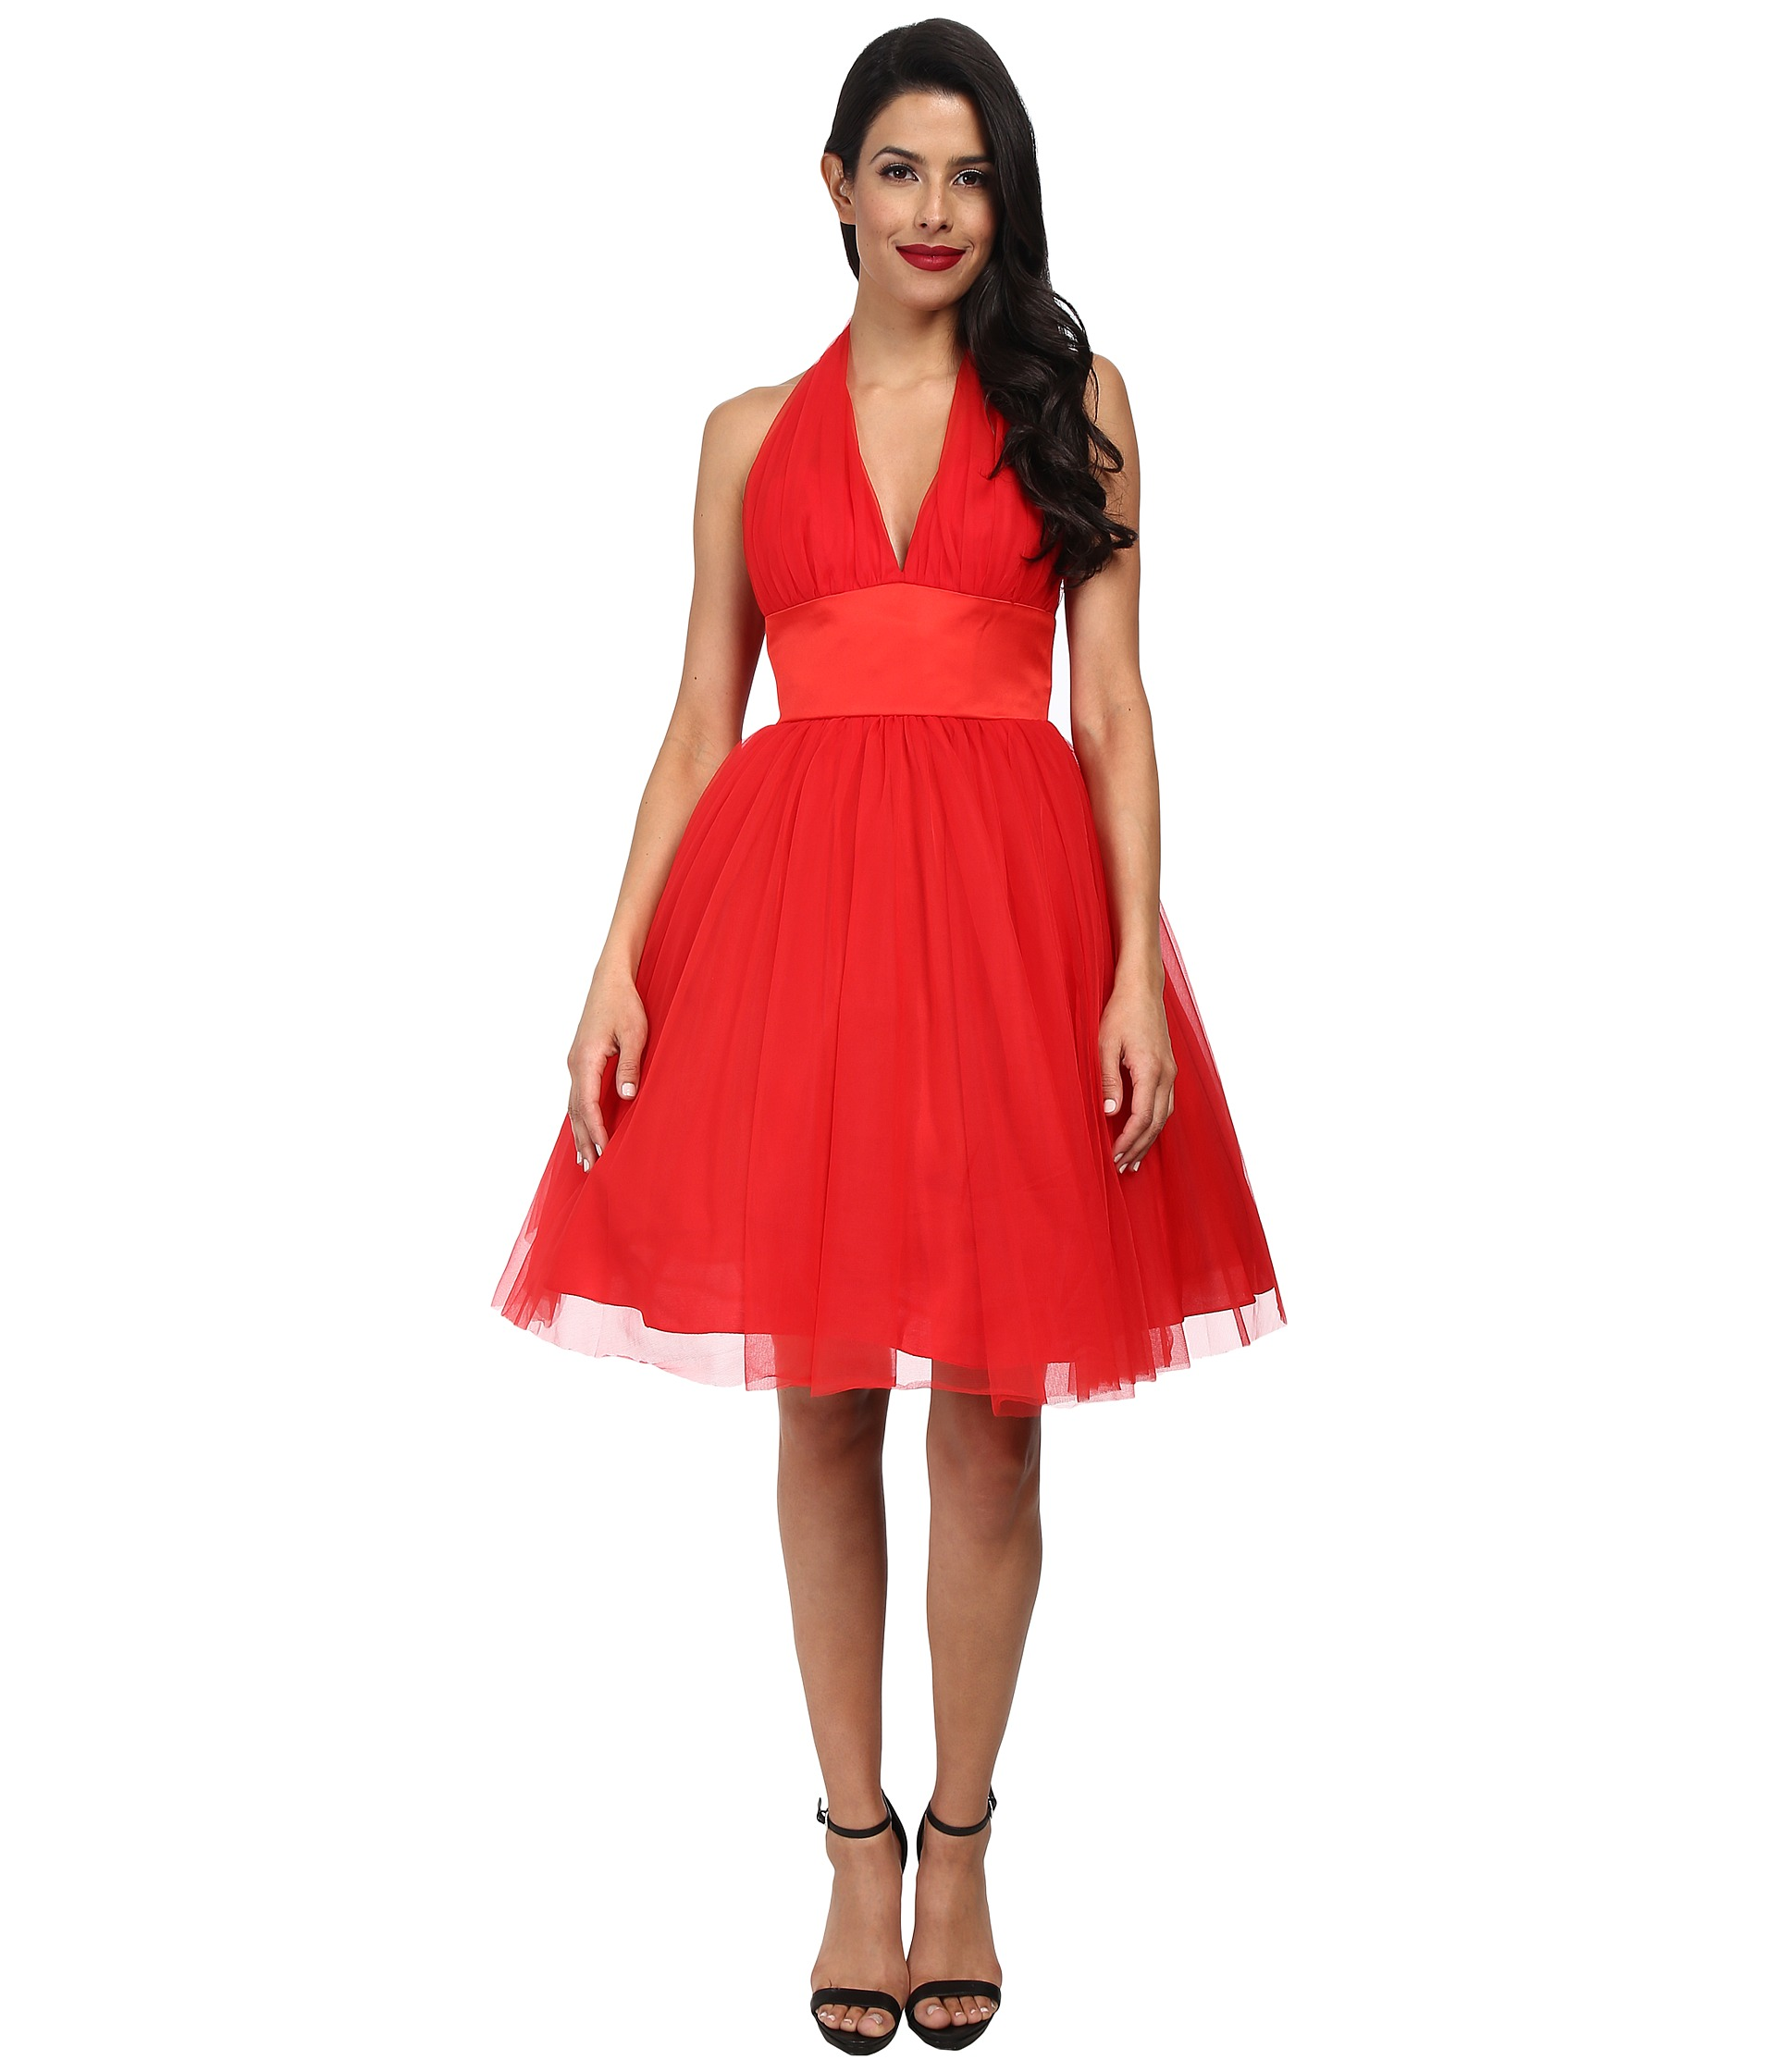 Unique Vintage Halter Midtown Cocktail Dress Red - 6pm.com